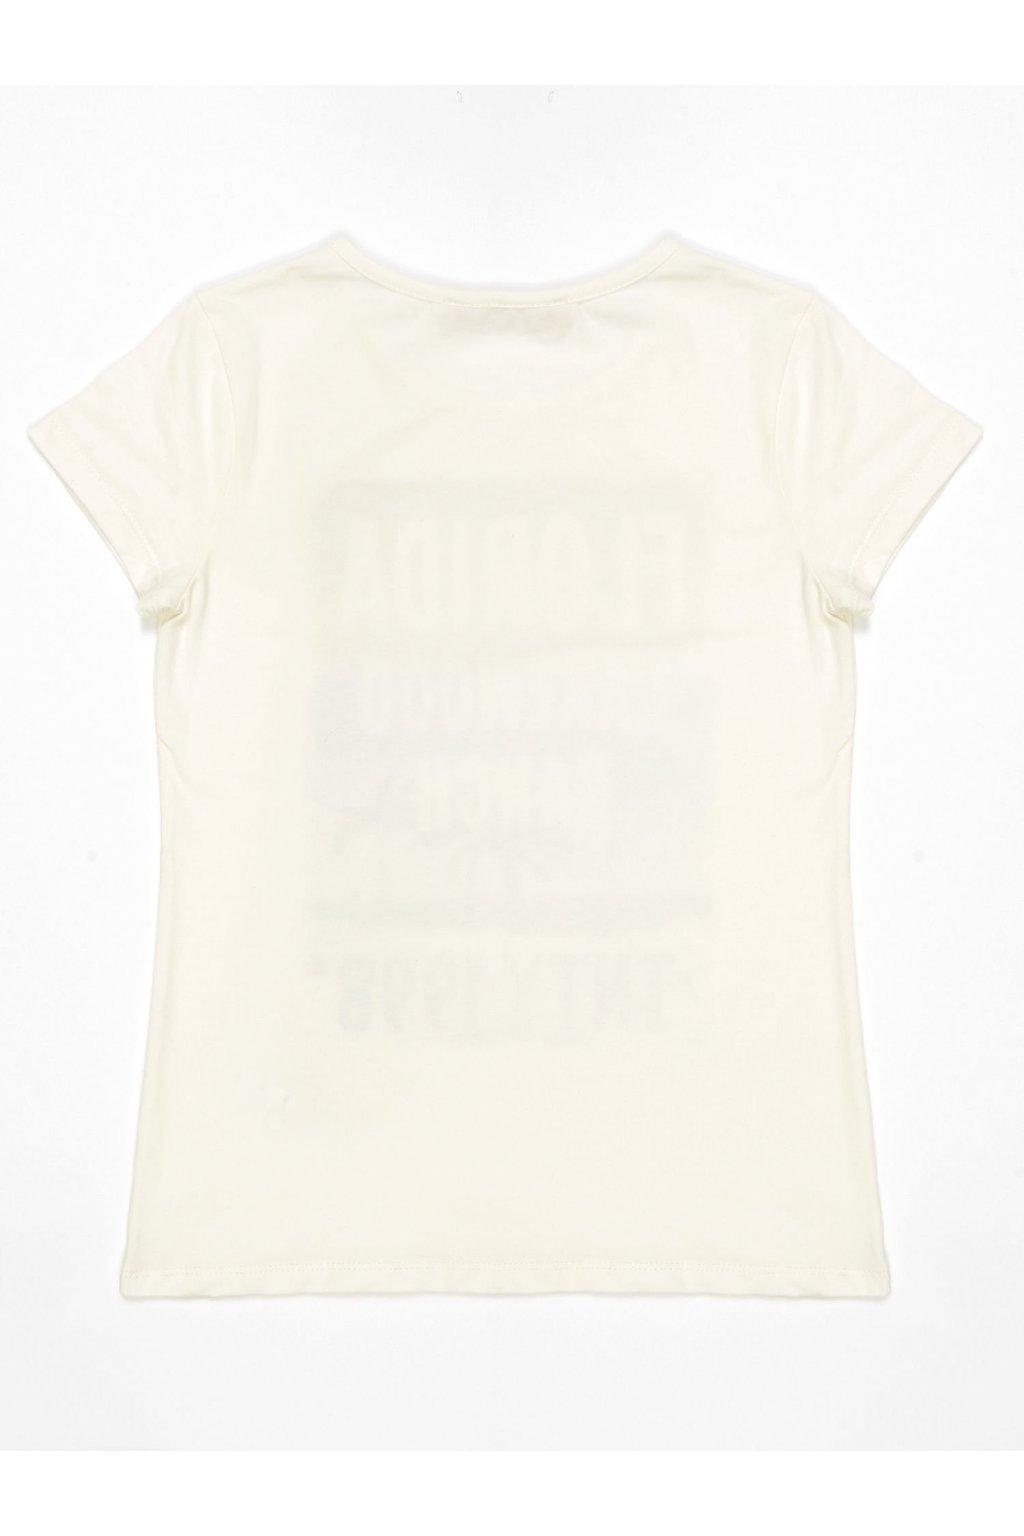 Tričko kód TY-TS-8104.36